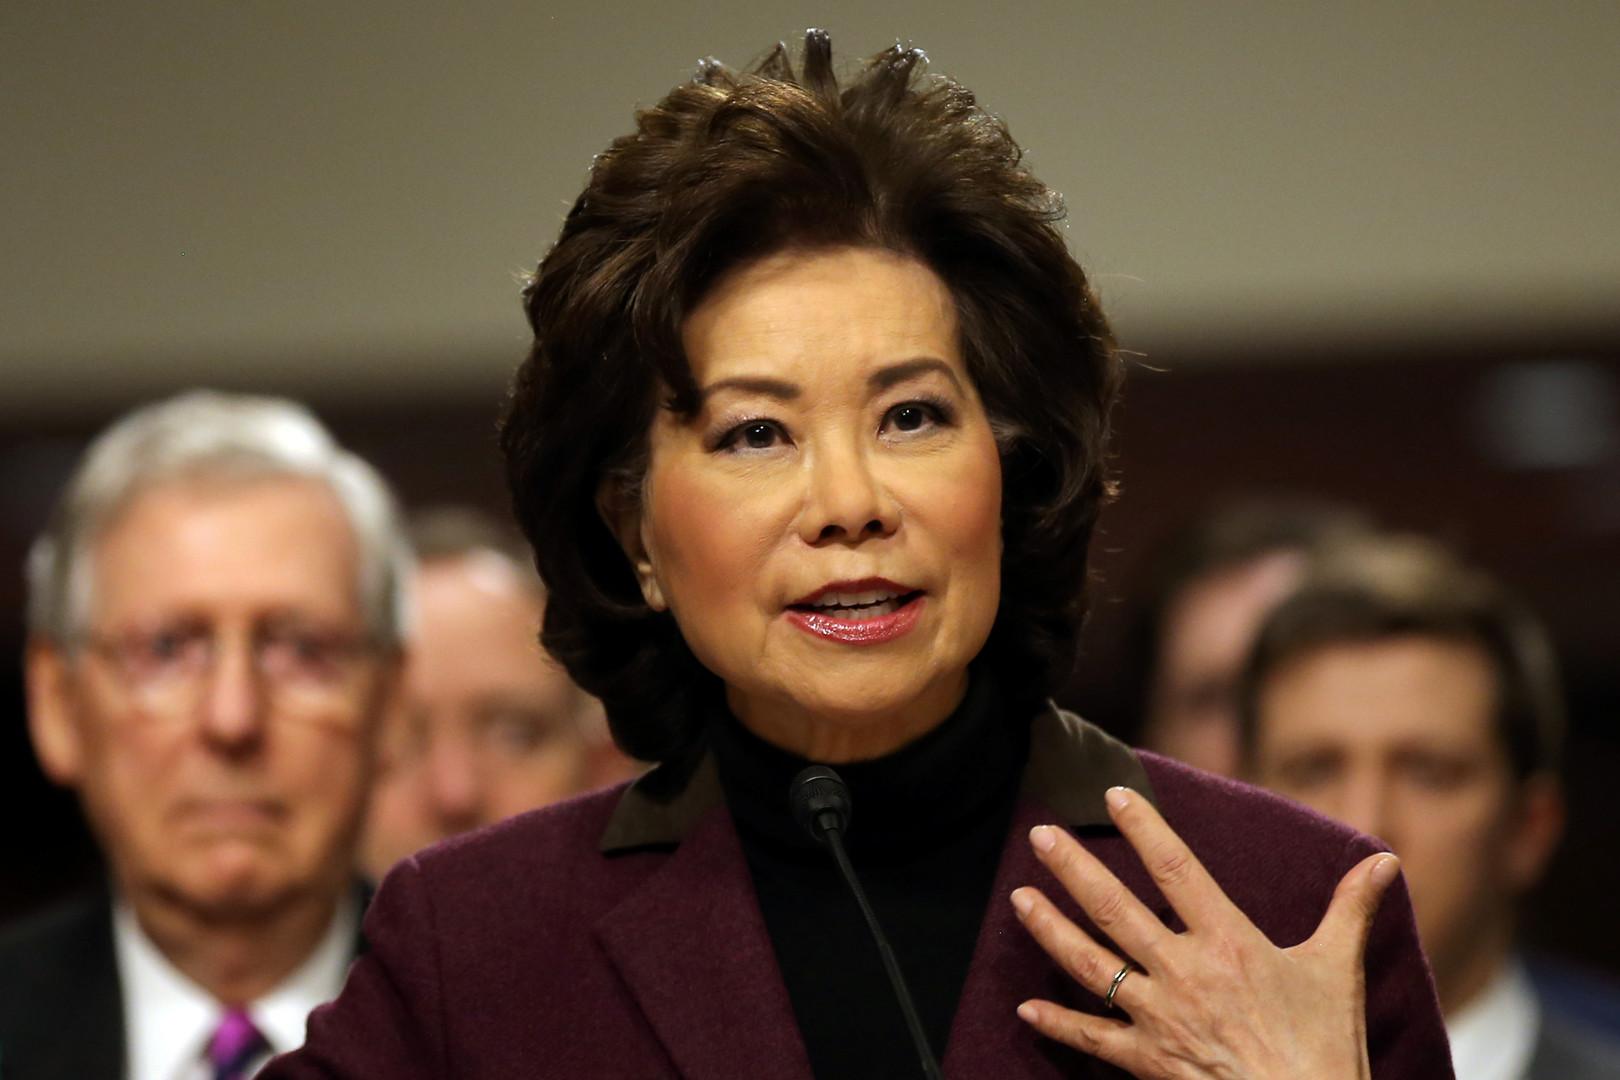 Elaine Lan Chao war Arbeitsministerin in der Administration von George W. Bush und soll jetzt Ministerin für Transport werden. Die in Taiwan geborene Republikanerin hat vor ihrer politischen Karriere in der  Finanzsphäre gearbeitet.